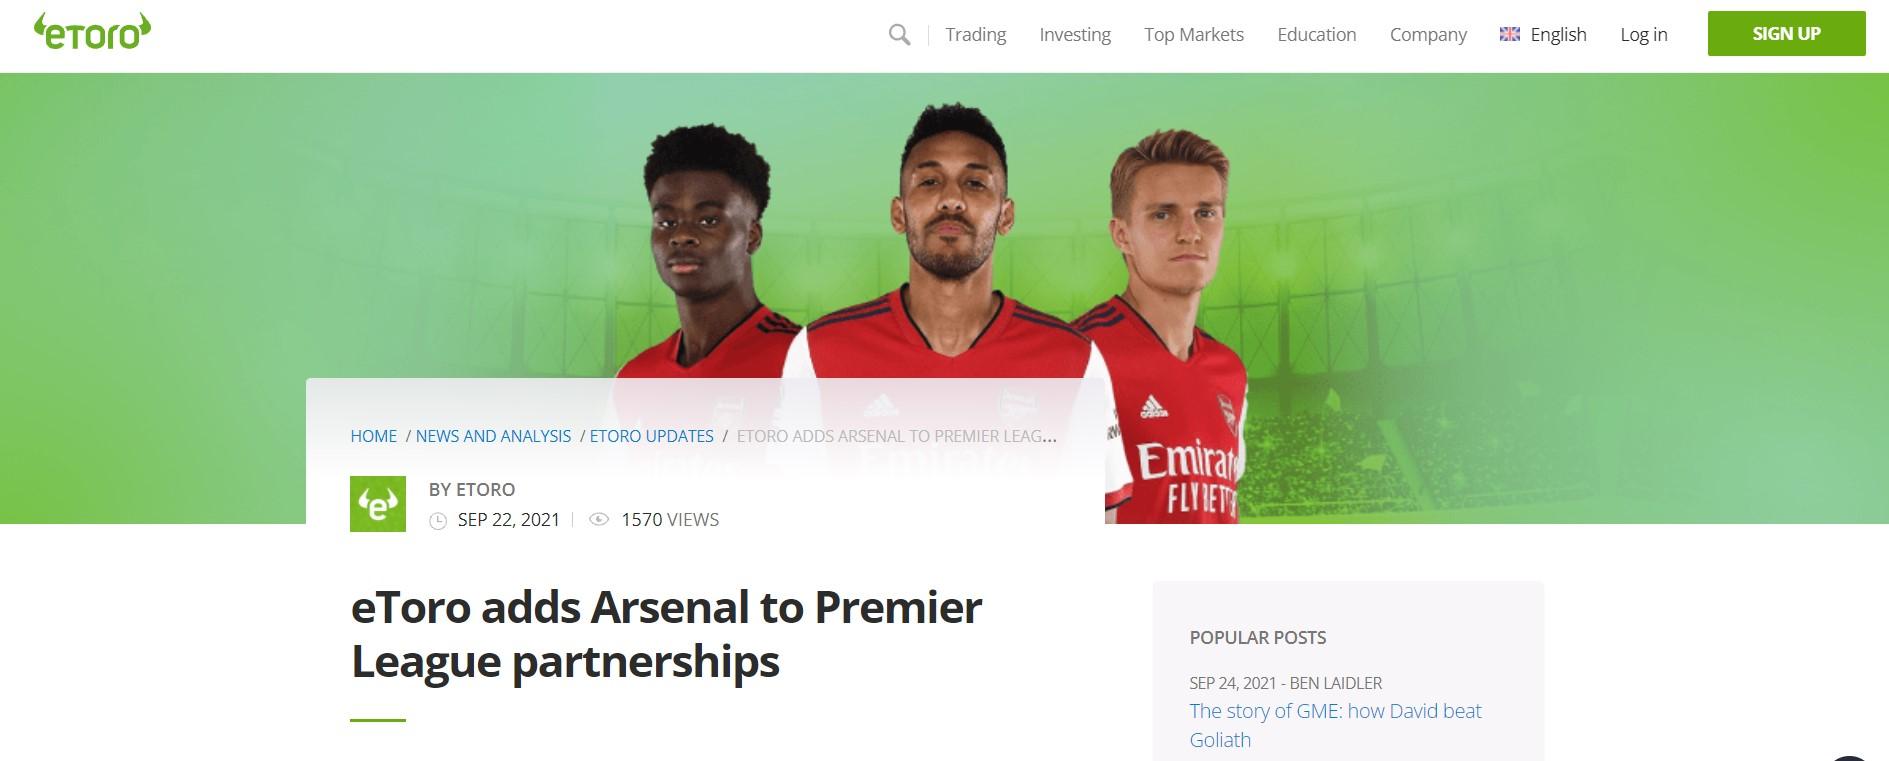 Etoro sponsert Arsenal London